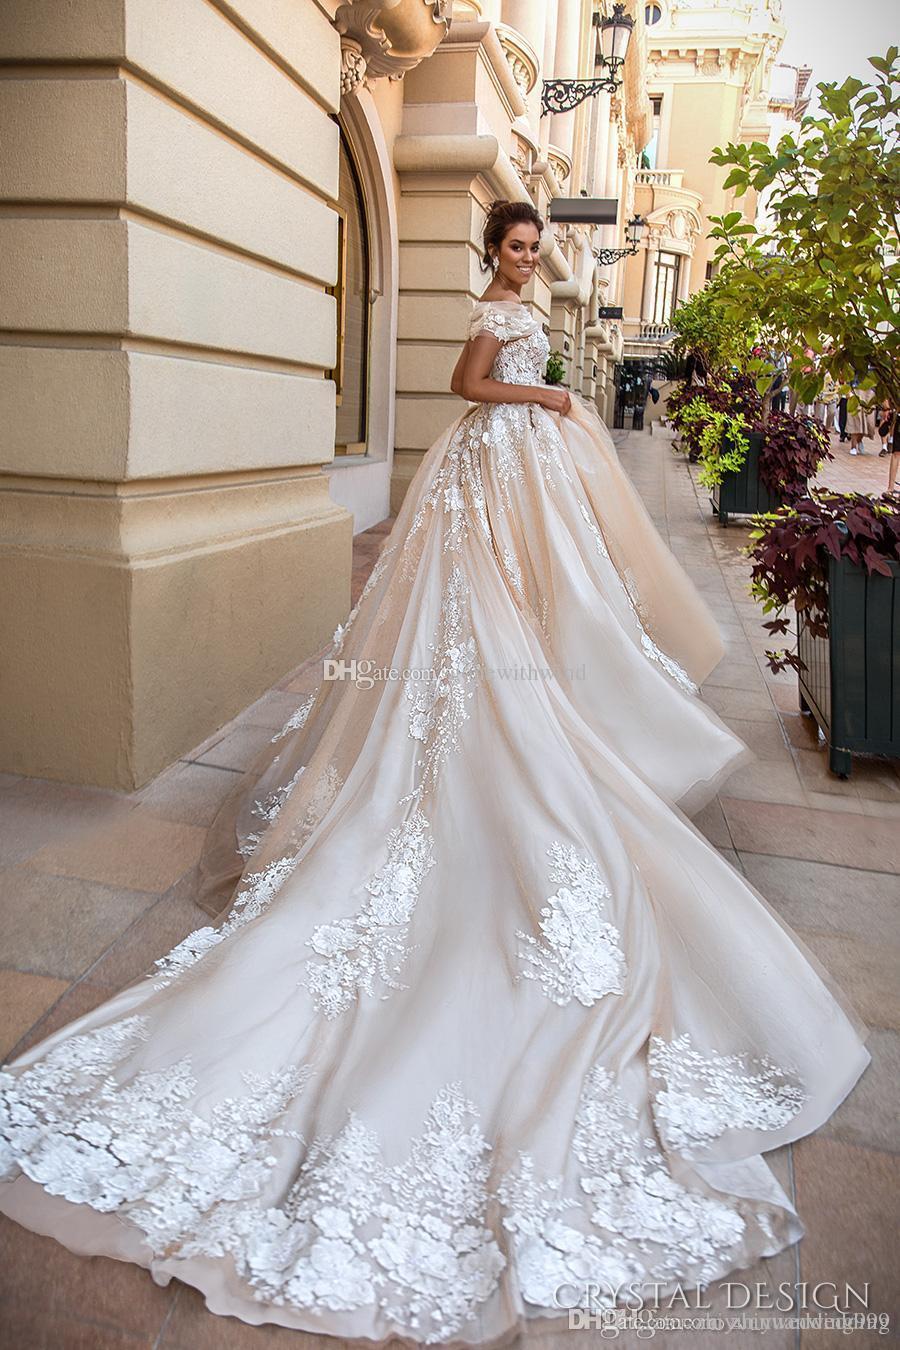 Romantic Princess Lace Appliques Ball Gown Wedding Dresses 2017 ...